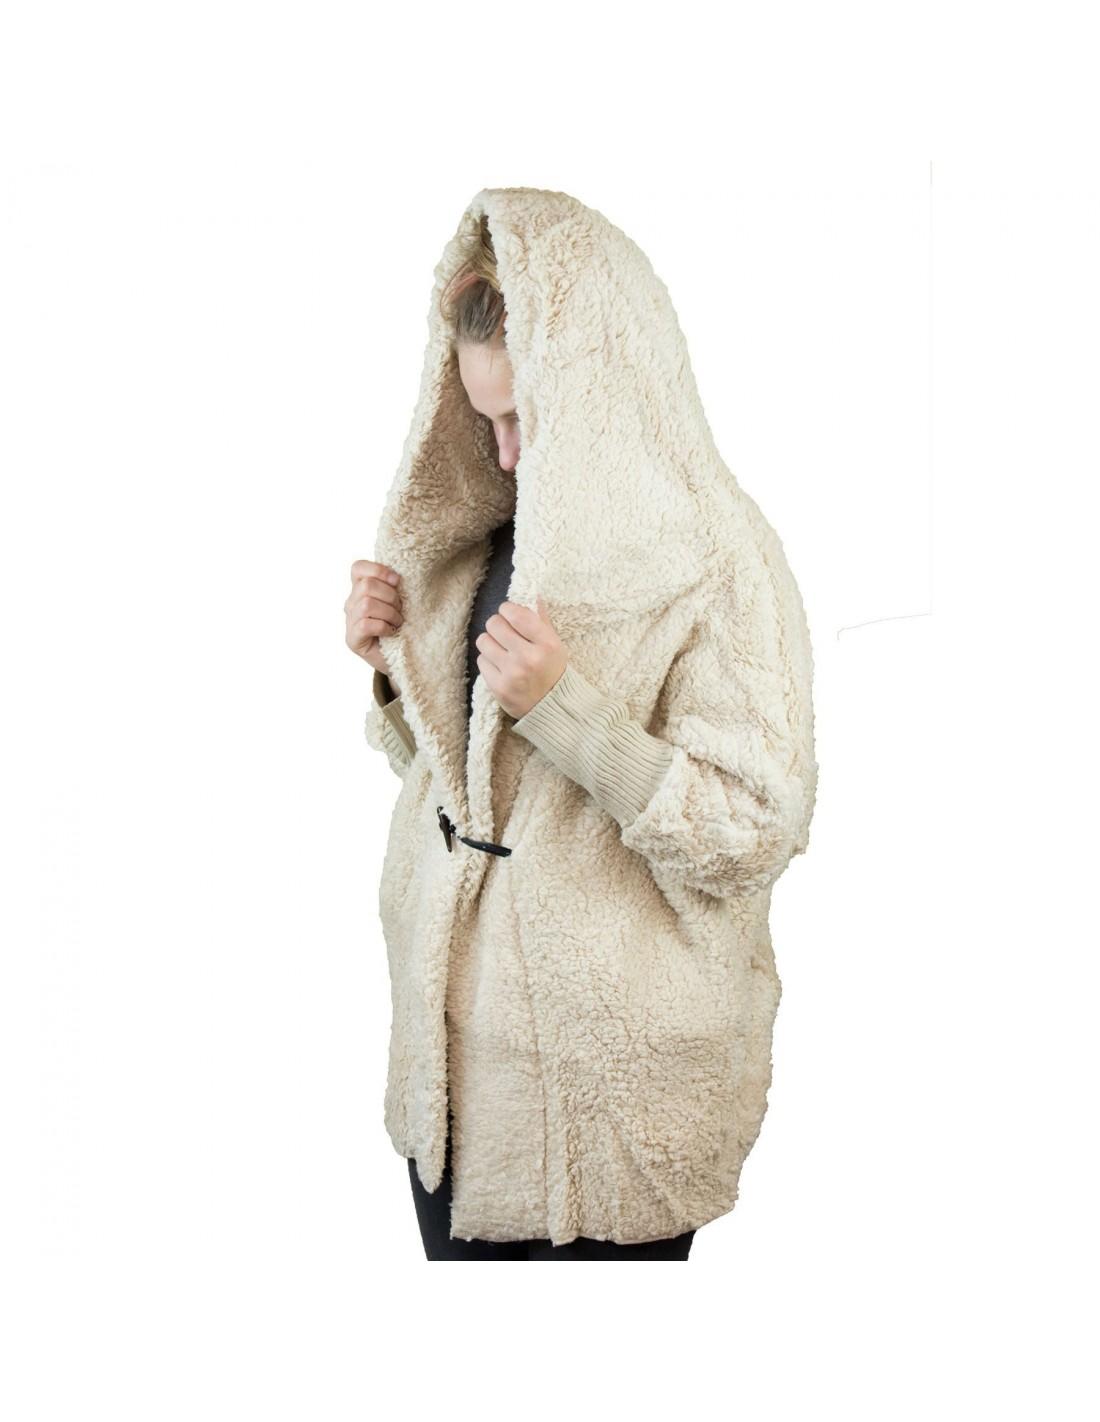 veste manteau femme doudou beige avec capuche chaude et douce. Black Bedroom Furniture Sets. Home Design Ideas